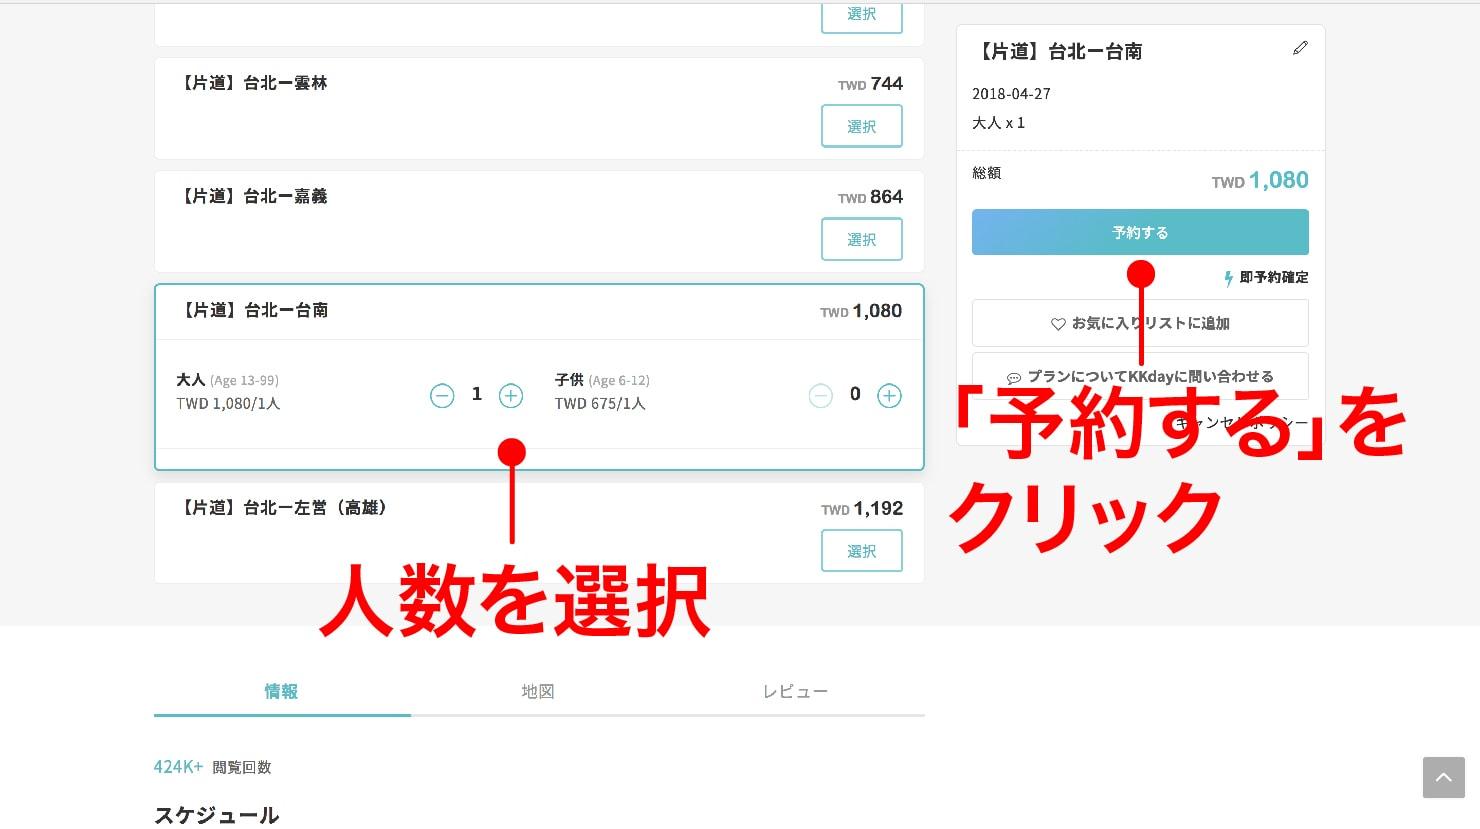 KKday台湾新幹線(高鐵)の外国人限定20%offチケット予約画面_5